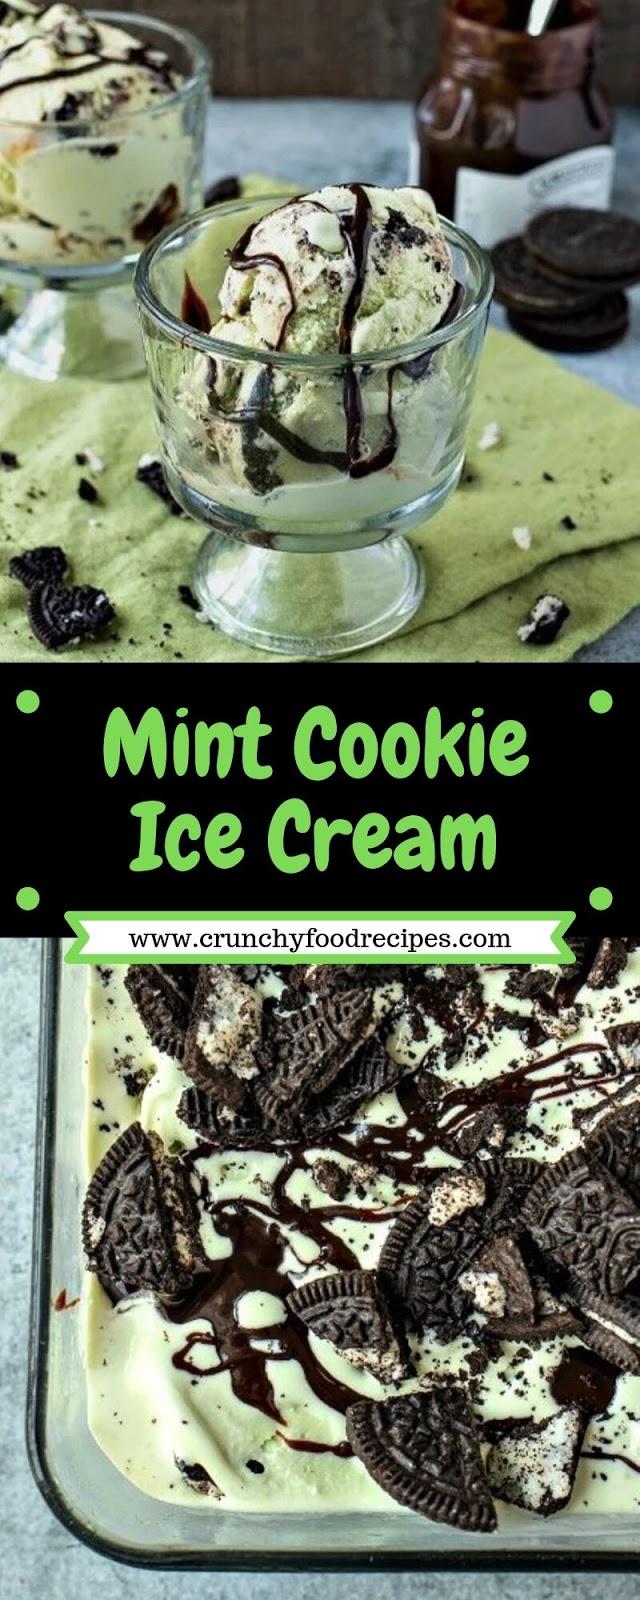 Mint Cookie Ice Cream